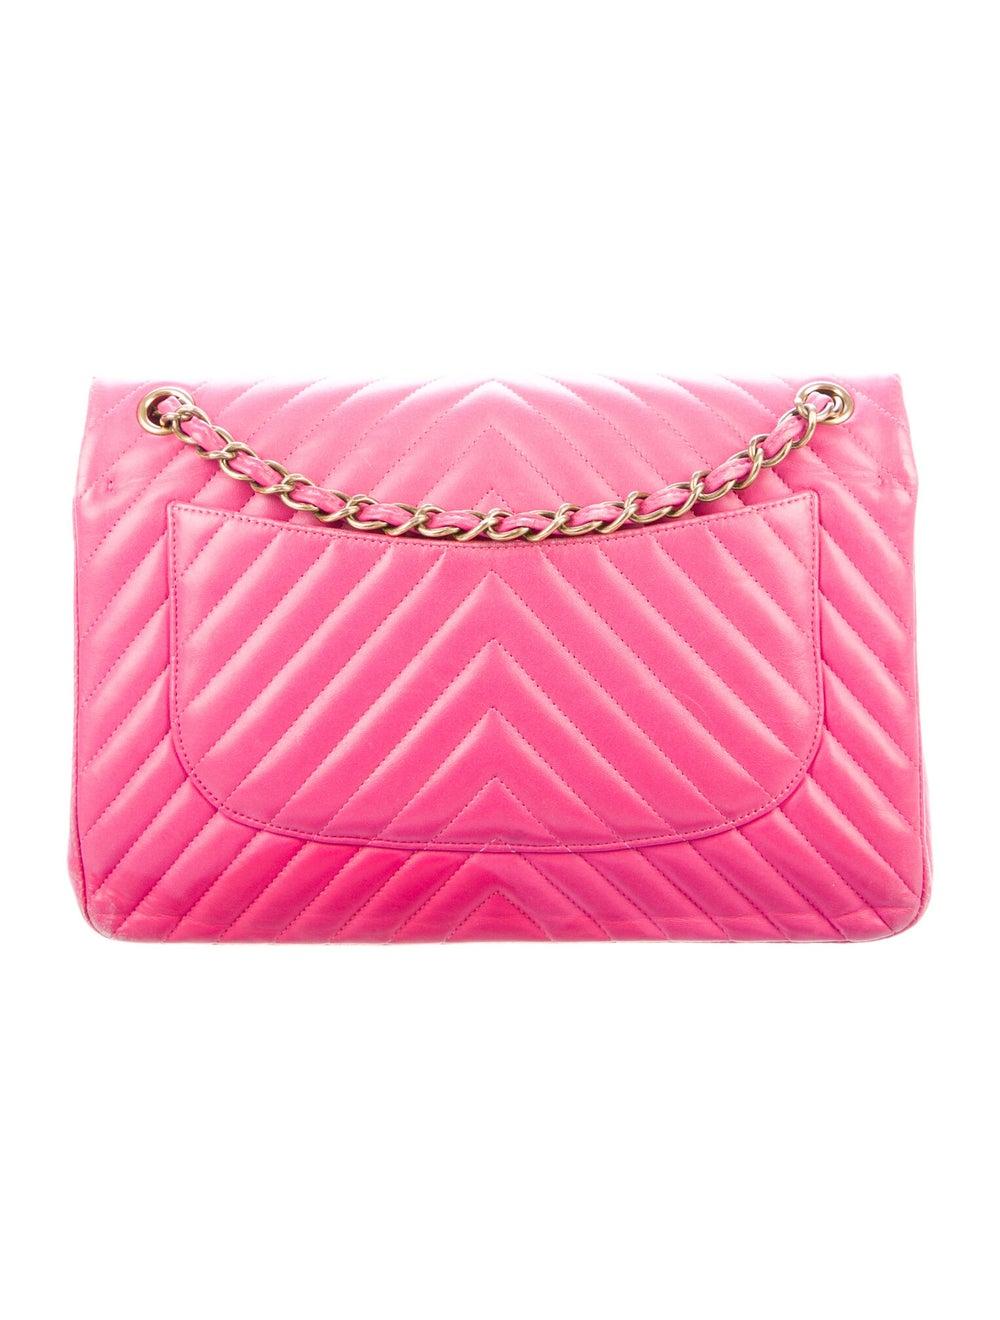 Chanel Chevron Jumbo Classic Double Flap Bag Pink - image 4